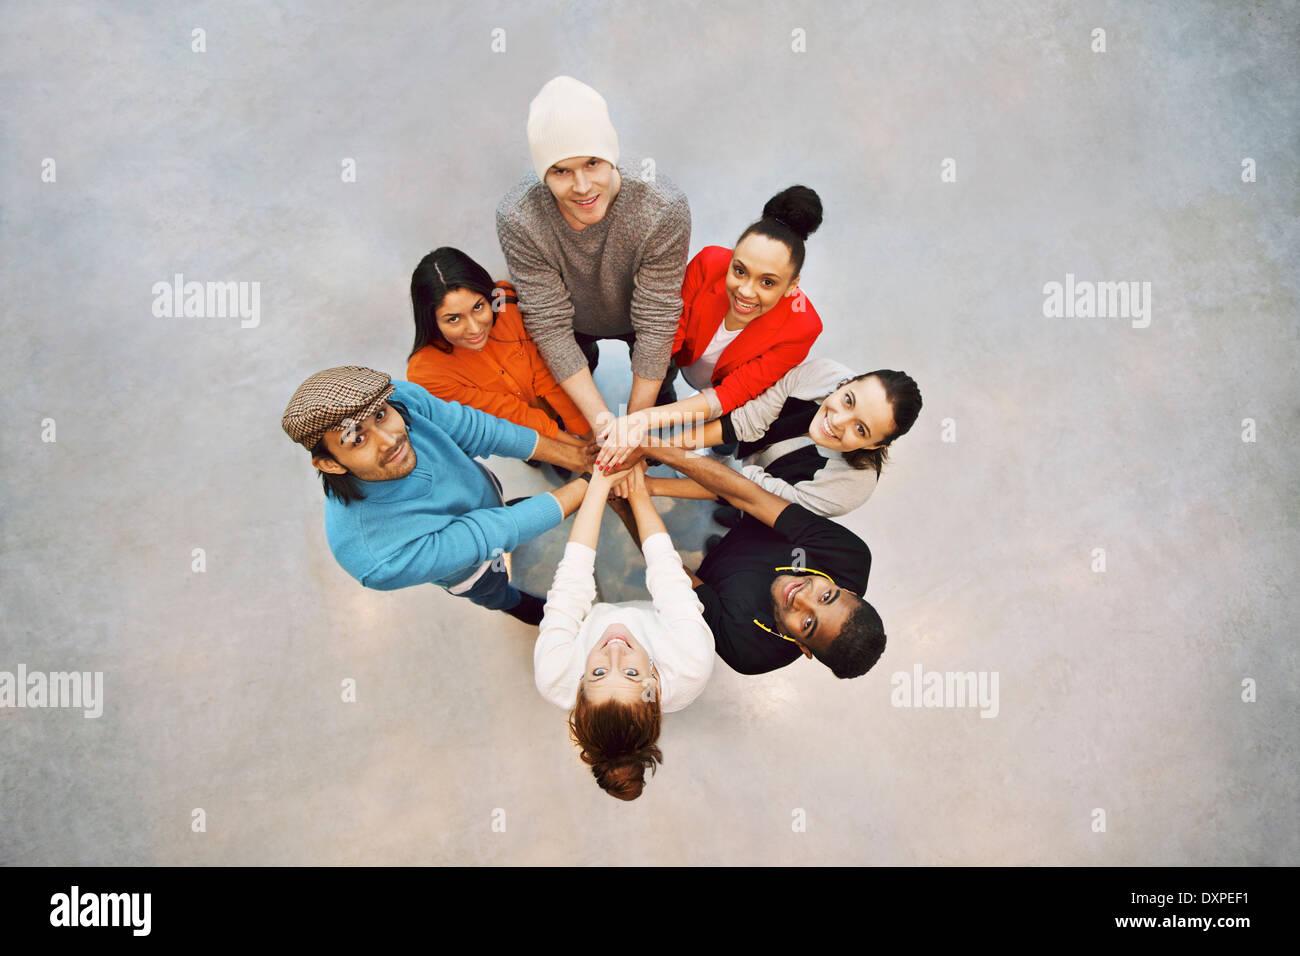 Gruppe von glücklichen jungen Studenten zeigen. Draufsicht der multiethnische Gruppe junger Leute setzen ihre Hände zusammen. Stockbild